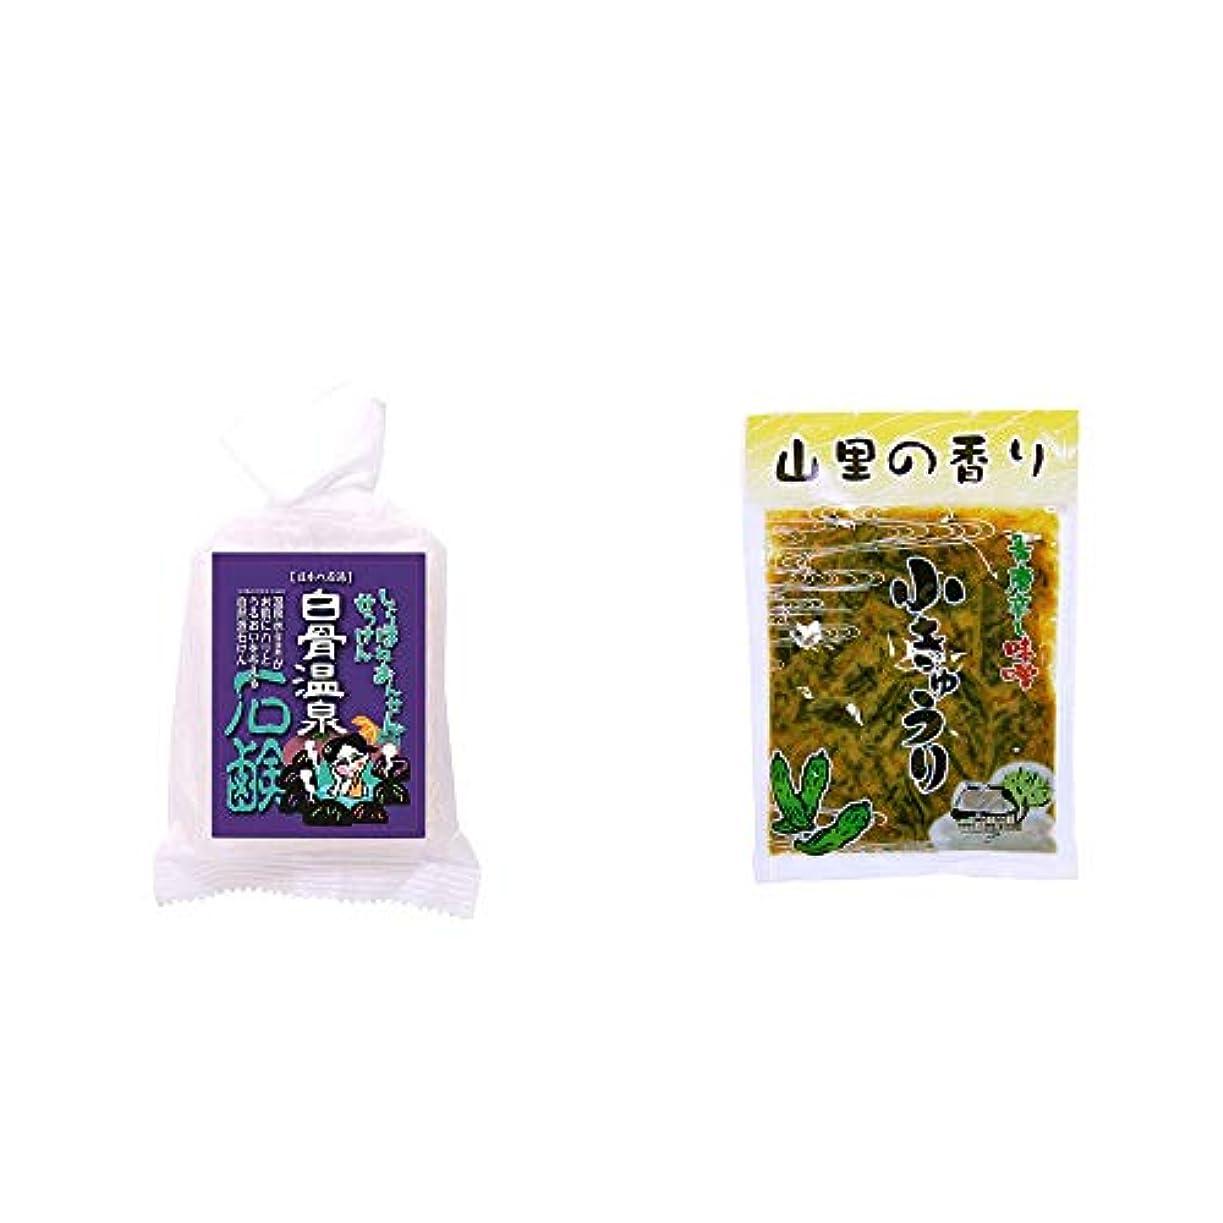 [2点セット] 信州 白骨温泉石鹸(80g)?山里の香り 青唐辛し味噌 小きゅうり(250g)